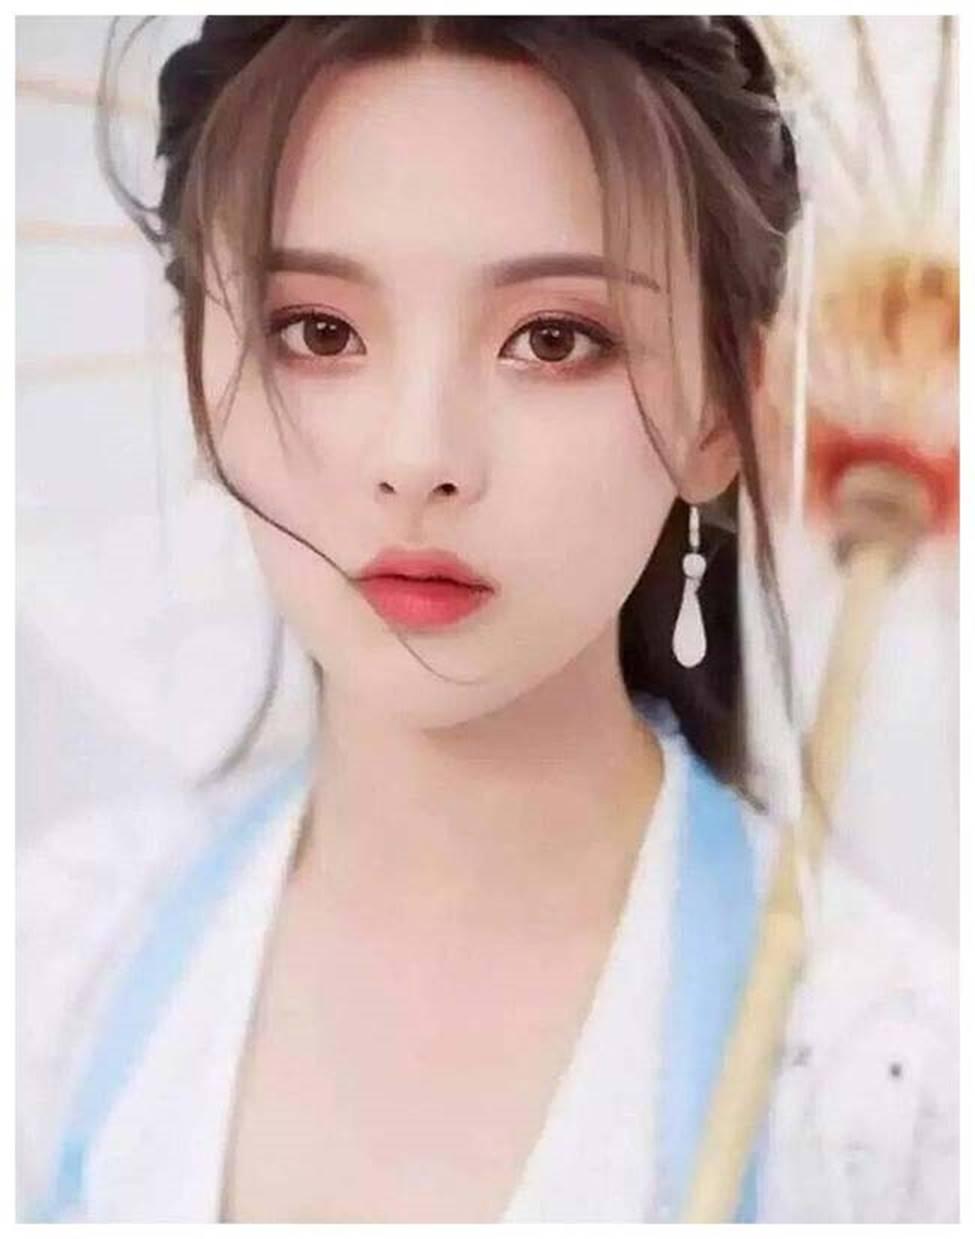 Cô thôn nữ 21 tuổi được phong đẹp nhất Trung Quốc bị ném đá vì nghi mặt nhân tạo-2